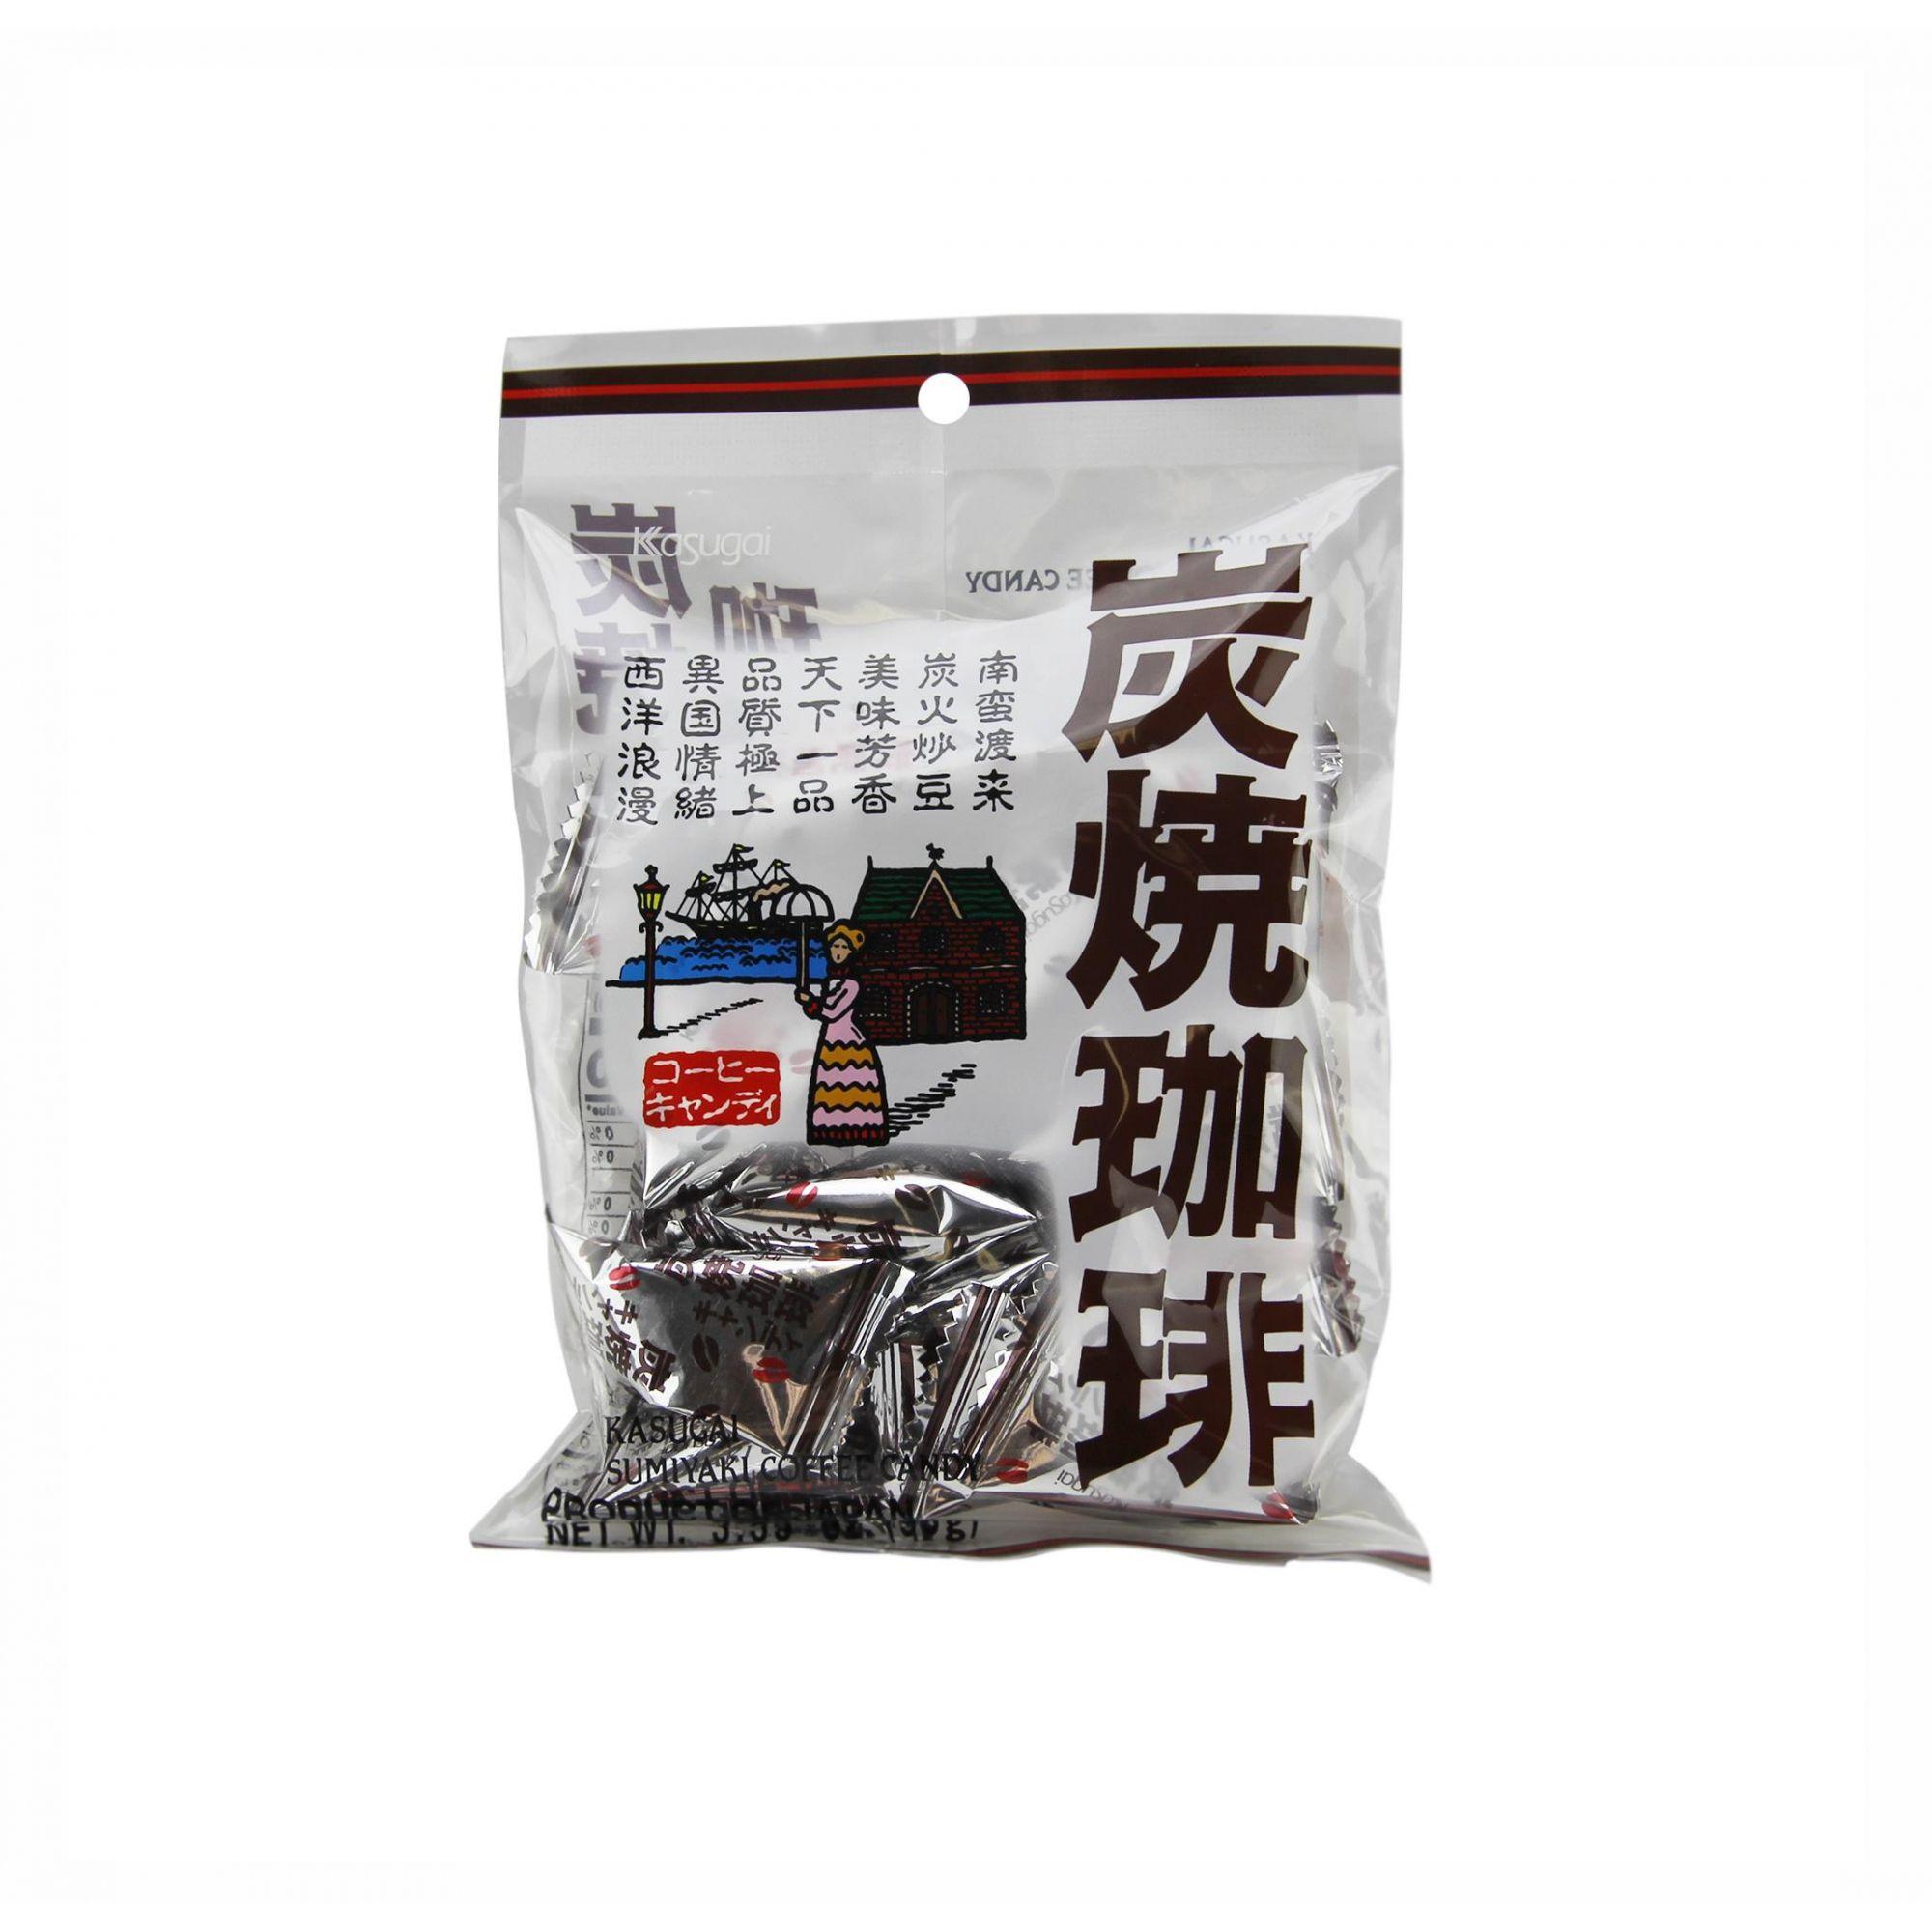 Bala Kasugai de Café Sumiyaki Coffee Candy 95g